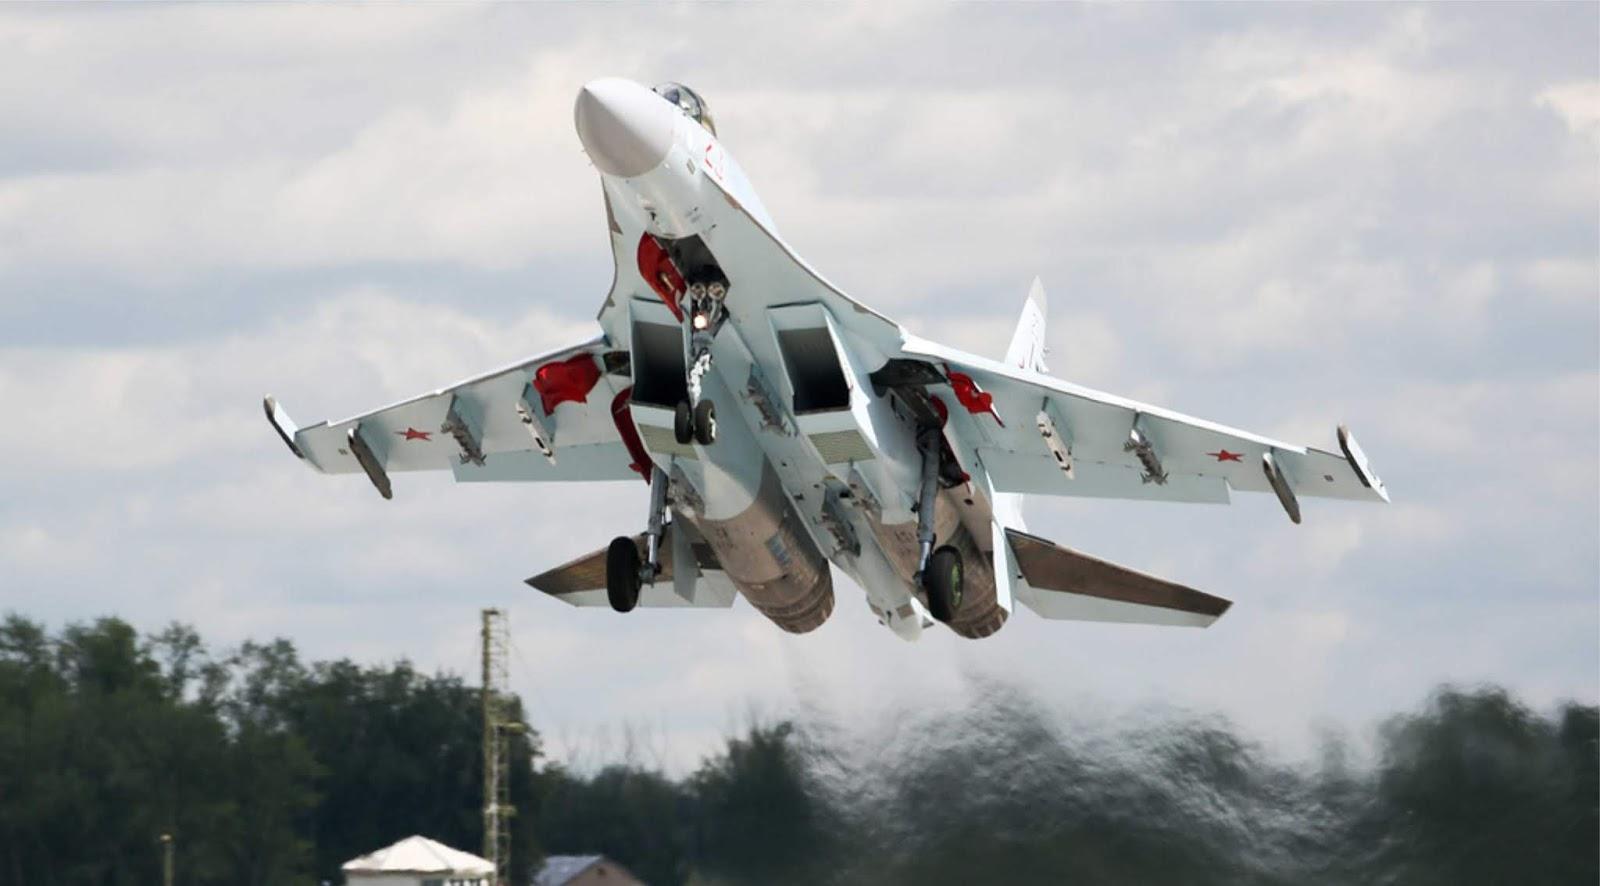 Pernah di embargo AS Indonesia tetap memerlukan Su-35